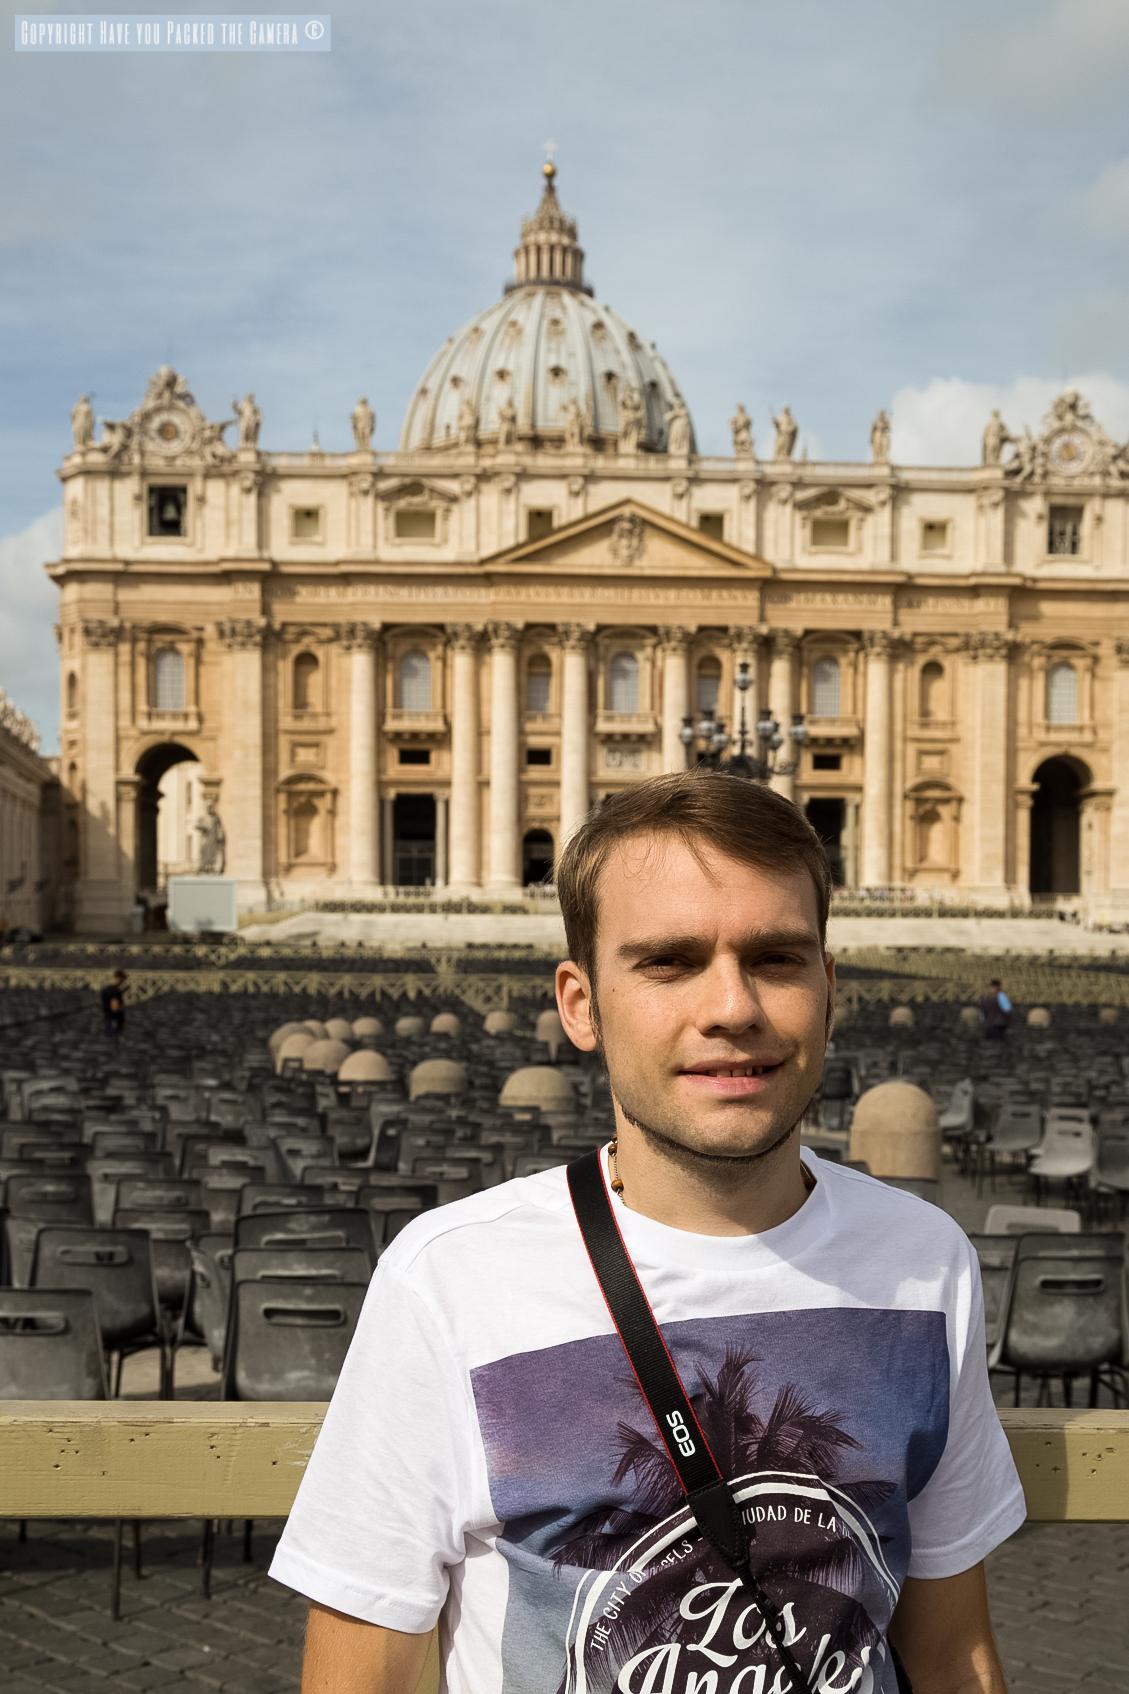 petersdom rom wikipedia